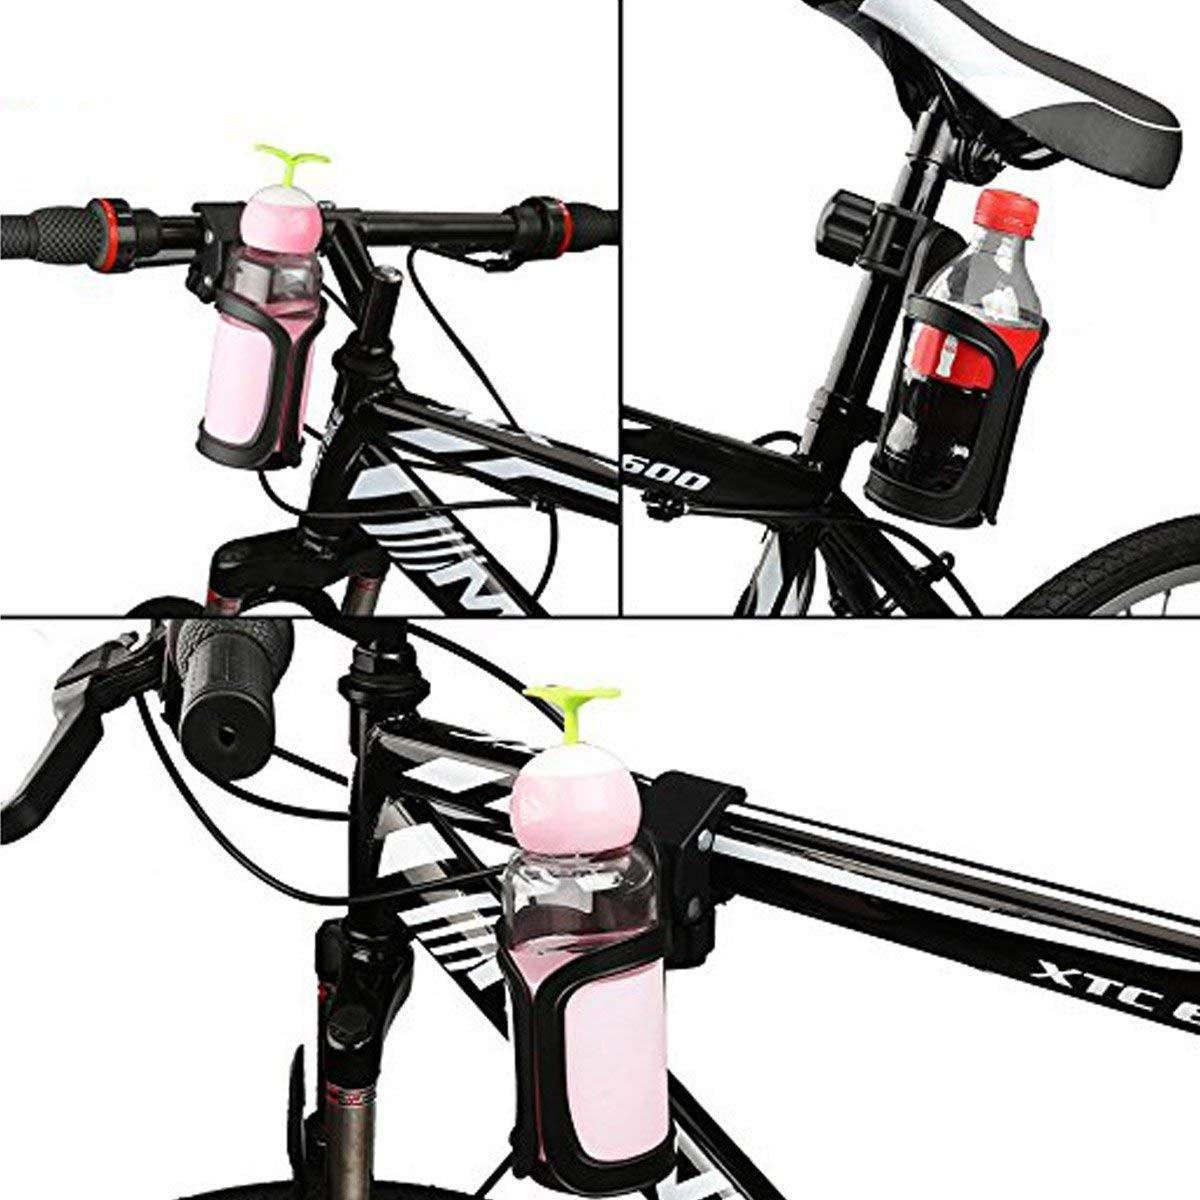 Getr/änkehalter Rollstuhl MHOYI Getr/änkehalter f/ür Babywagen f/ür Baby-Kinderwagen 360 Grad drehbar Kinderwagen Fahrrad-Kinderwagen Getr/änkehalter 2 Packungen